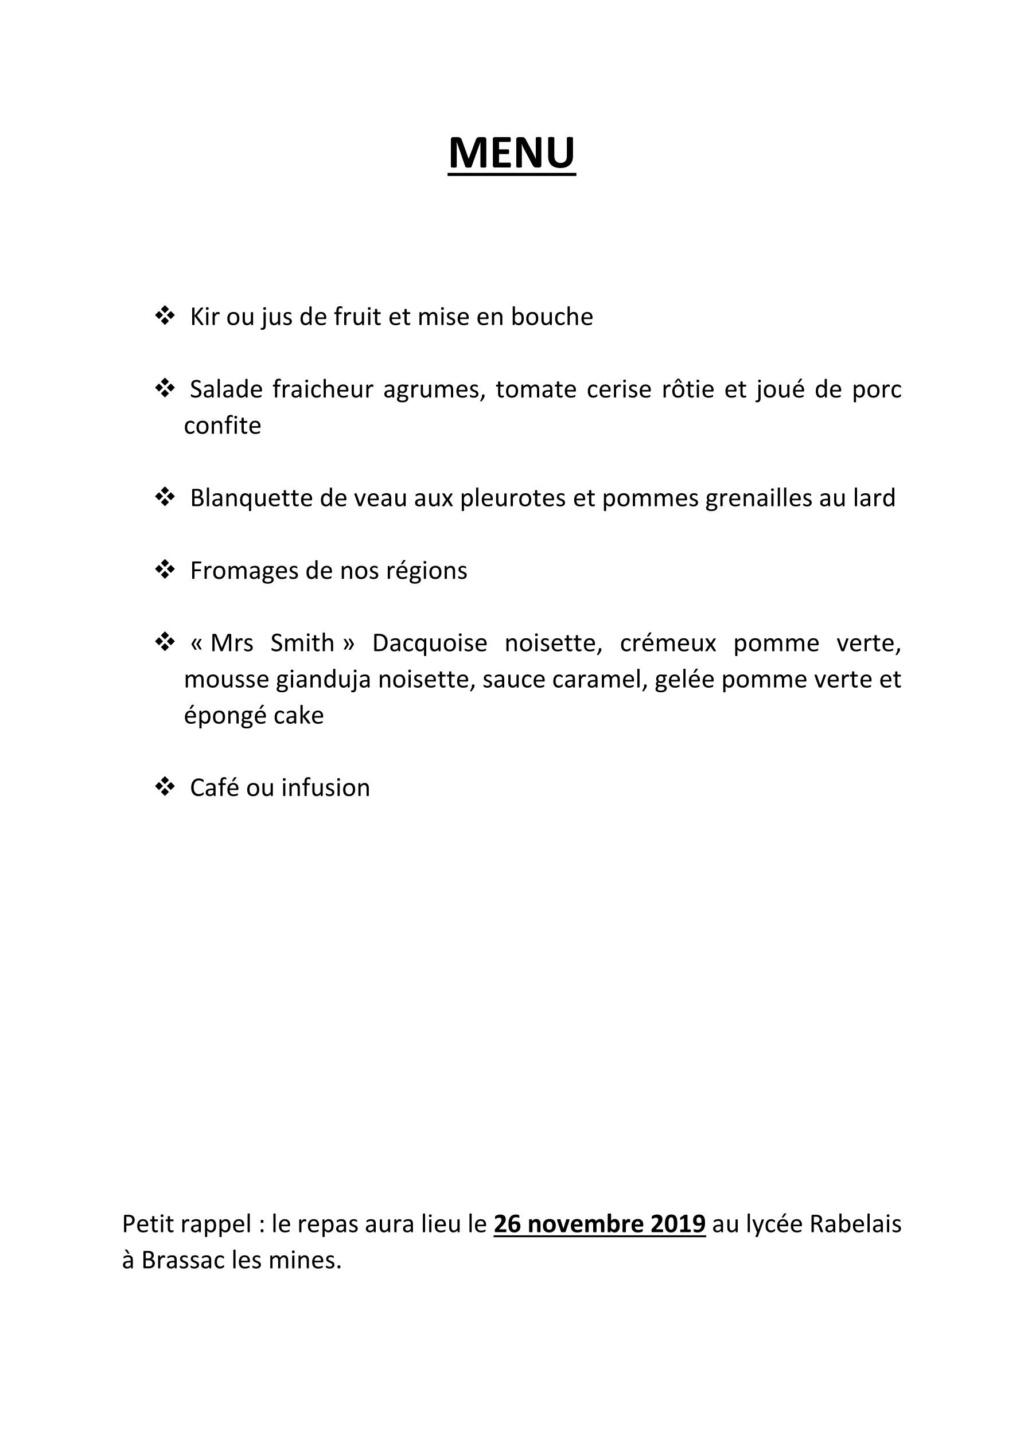 Repas SOS au lycée Rabelais Image_20